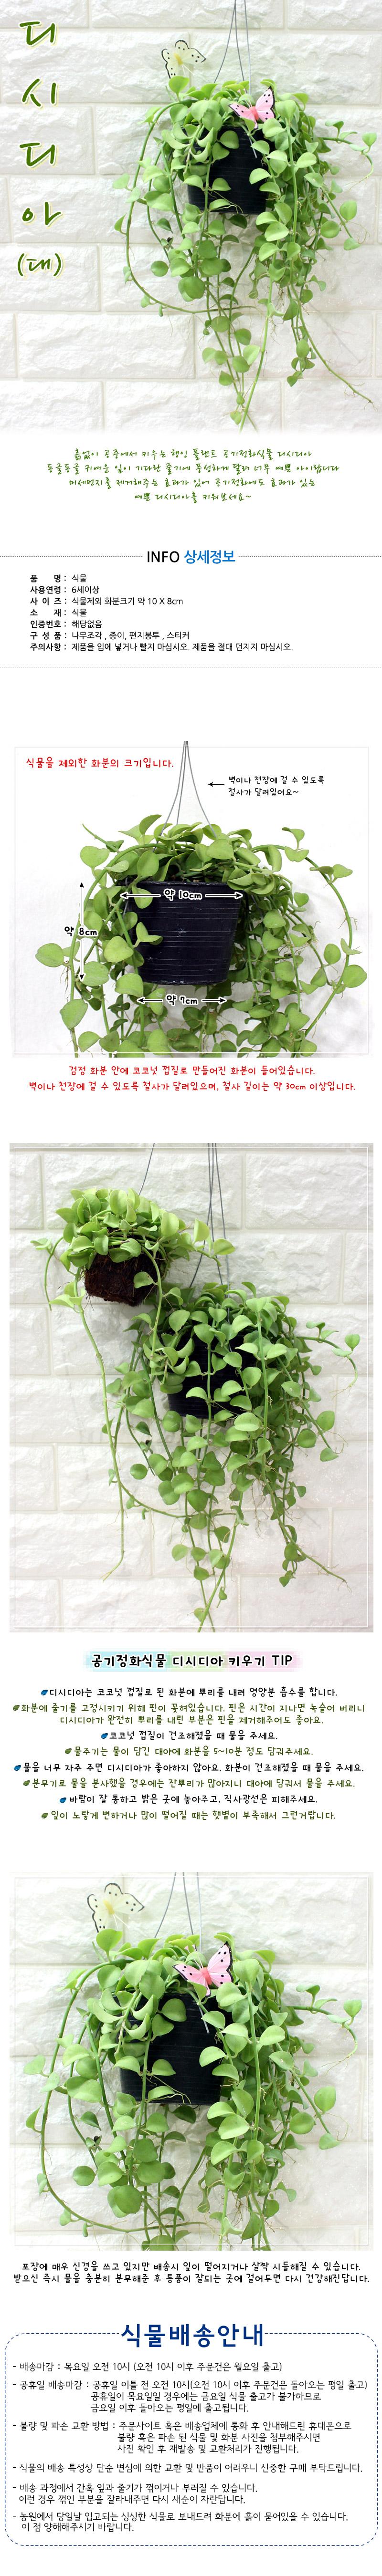 공기정화식물-디시디아(대) - 에코키즈, 12,000원, 허브/다육/선인장, 공기정화식물